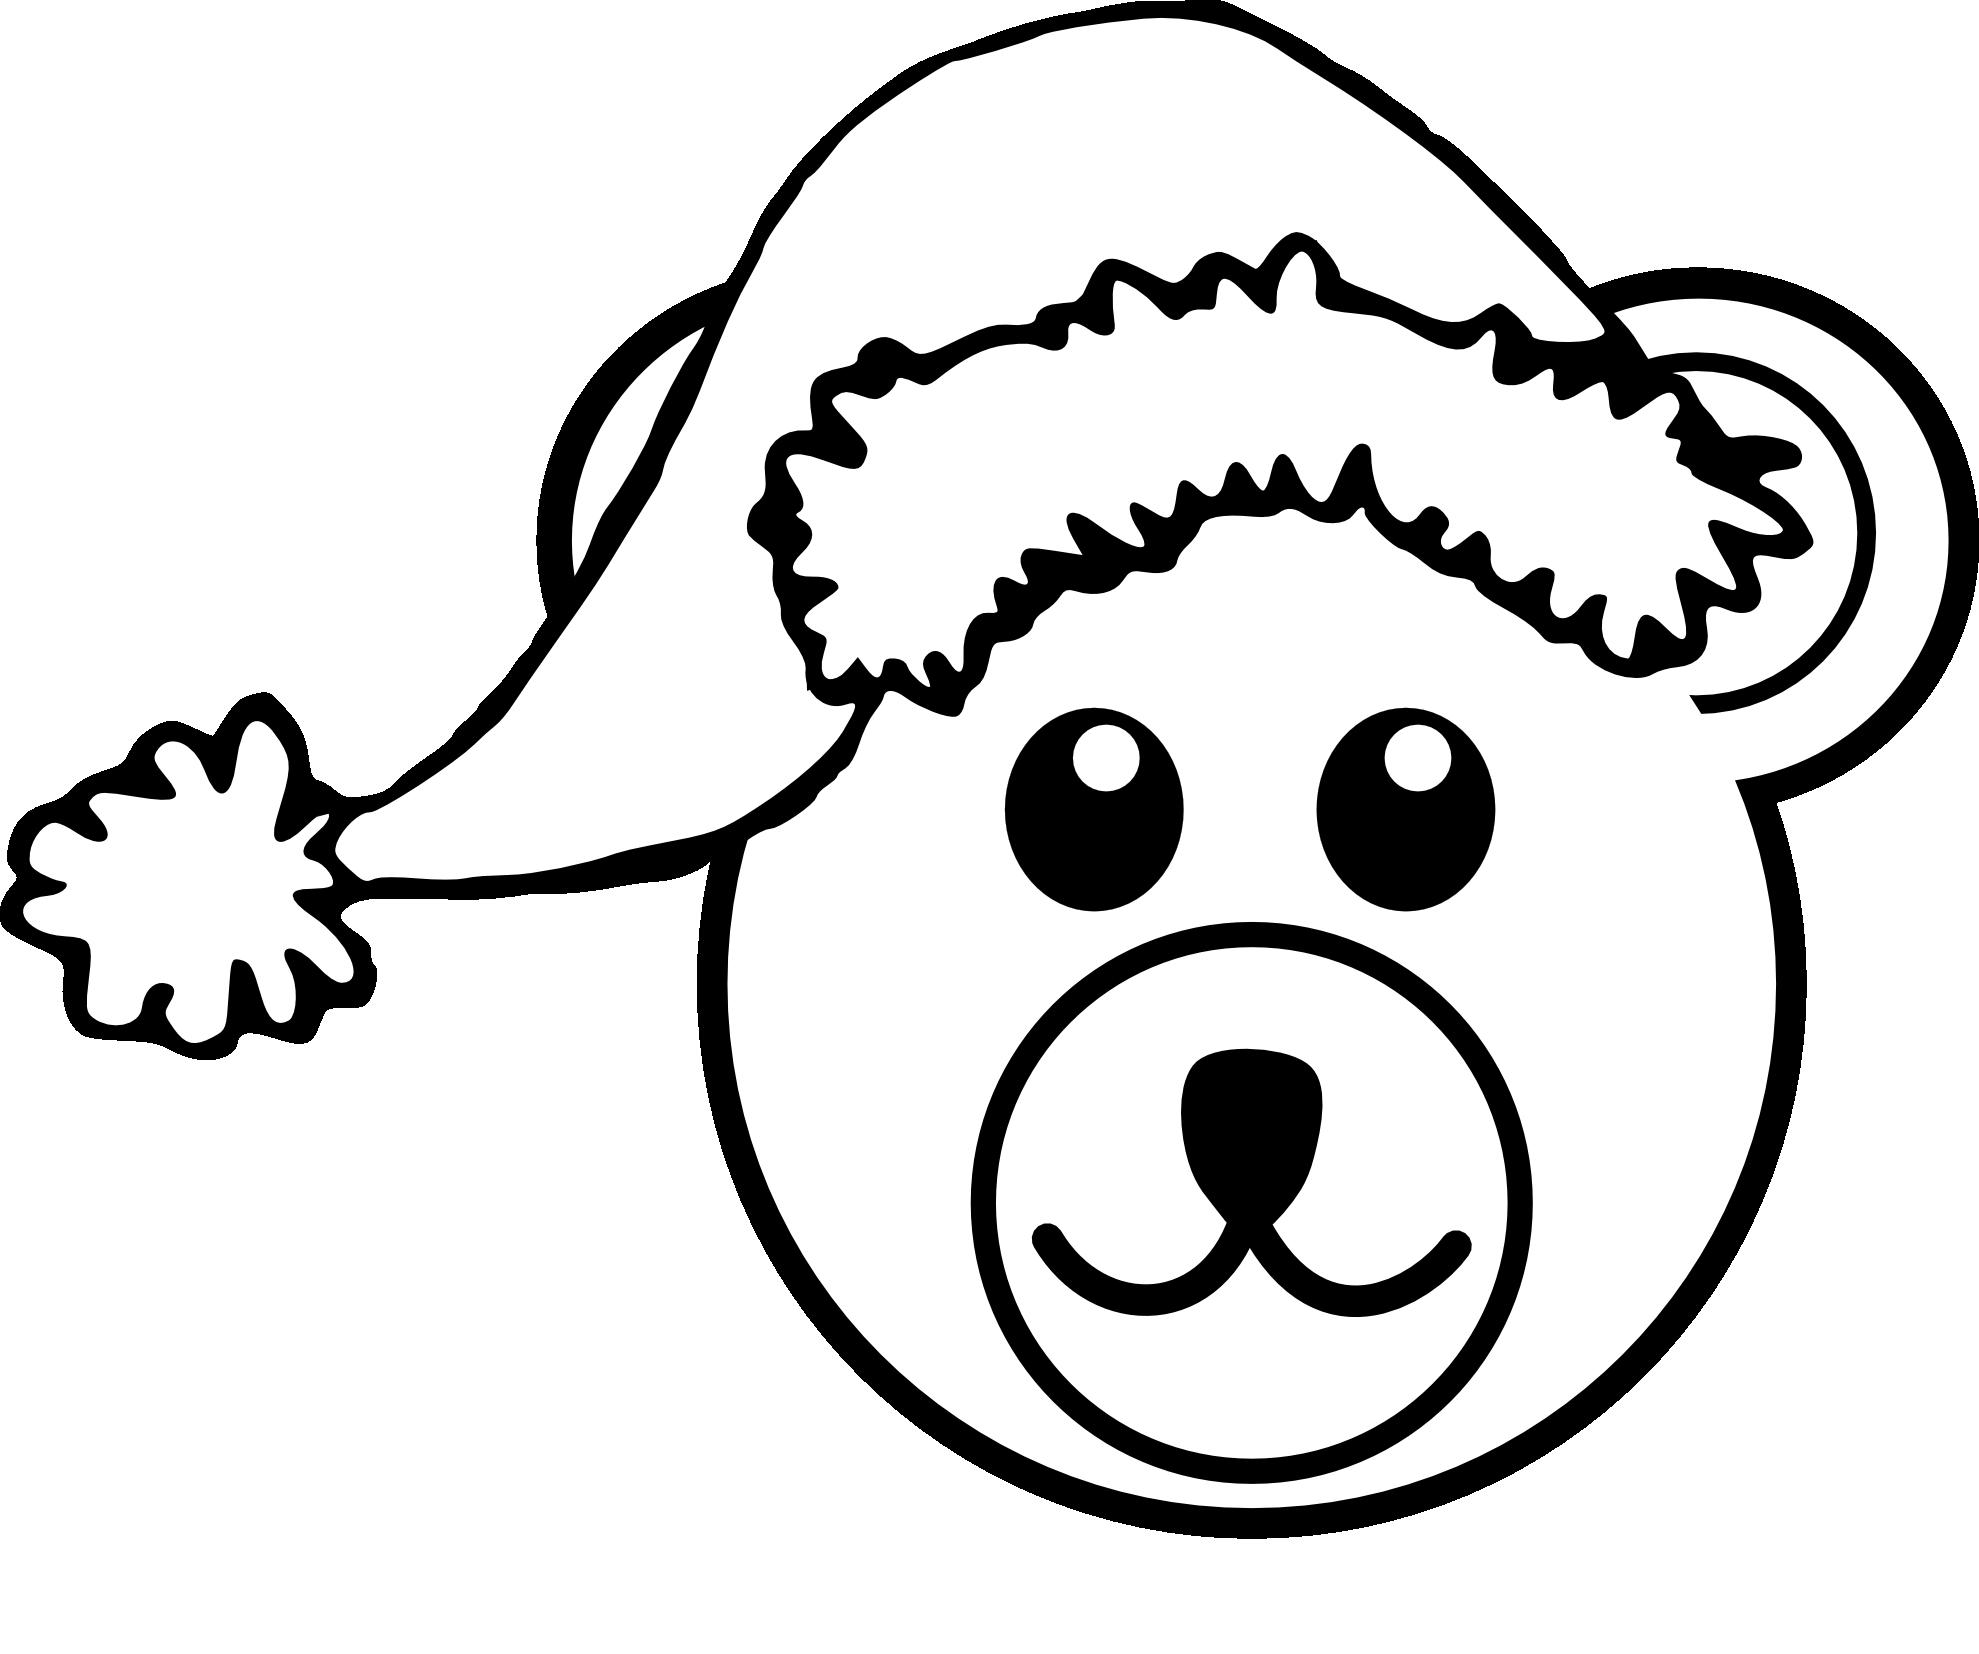 1979x1654 Clip Art Palomaironique Bear Head Cartoon Brown